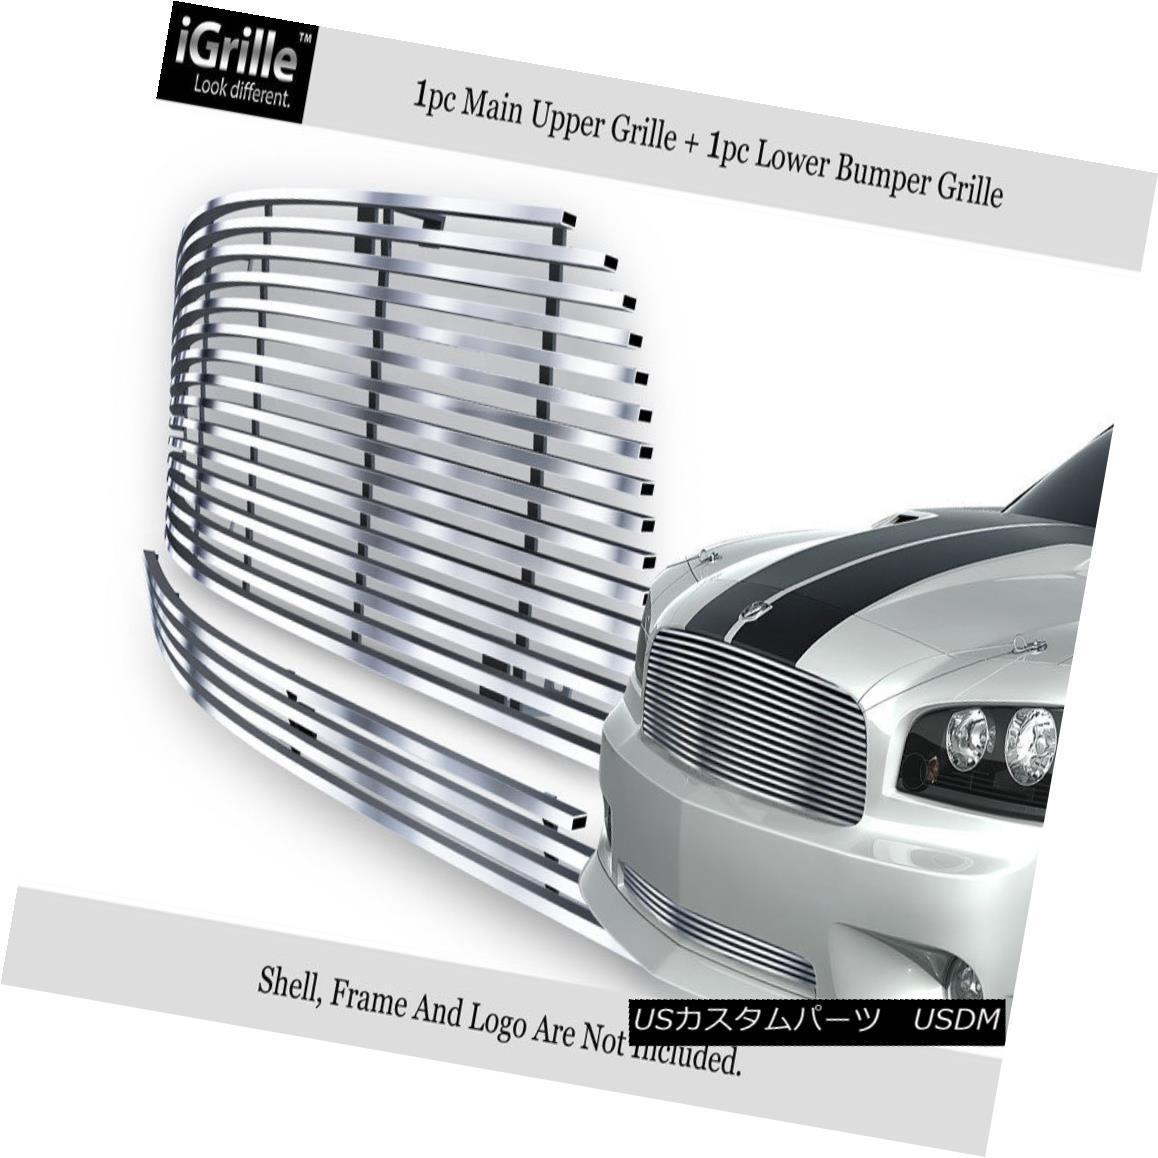 グリル Fits 05-10 Dodge Charger 304 Stainless Steel Billet Grille Combo フィット05-10ダッジチャージャー304ステンレス鋼ビレットグリルコンボ